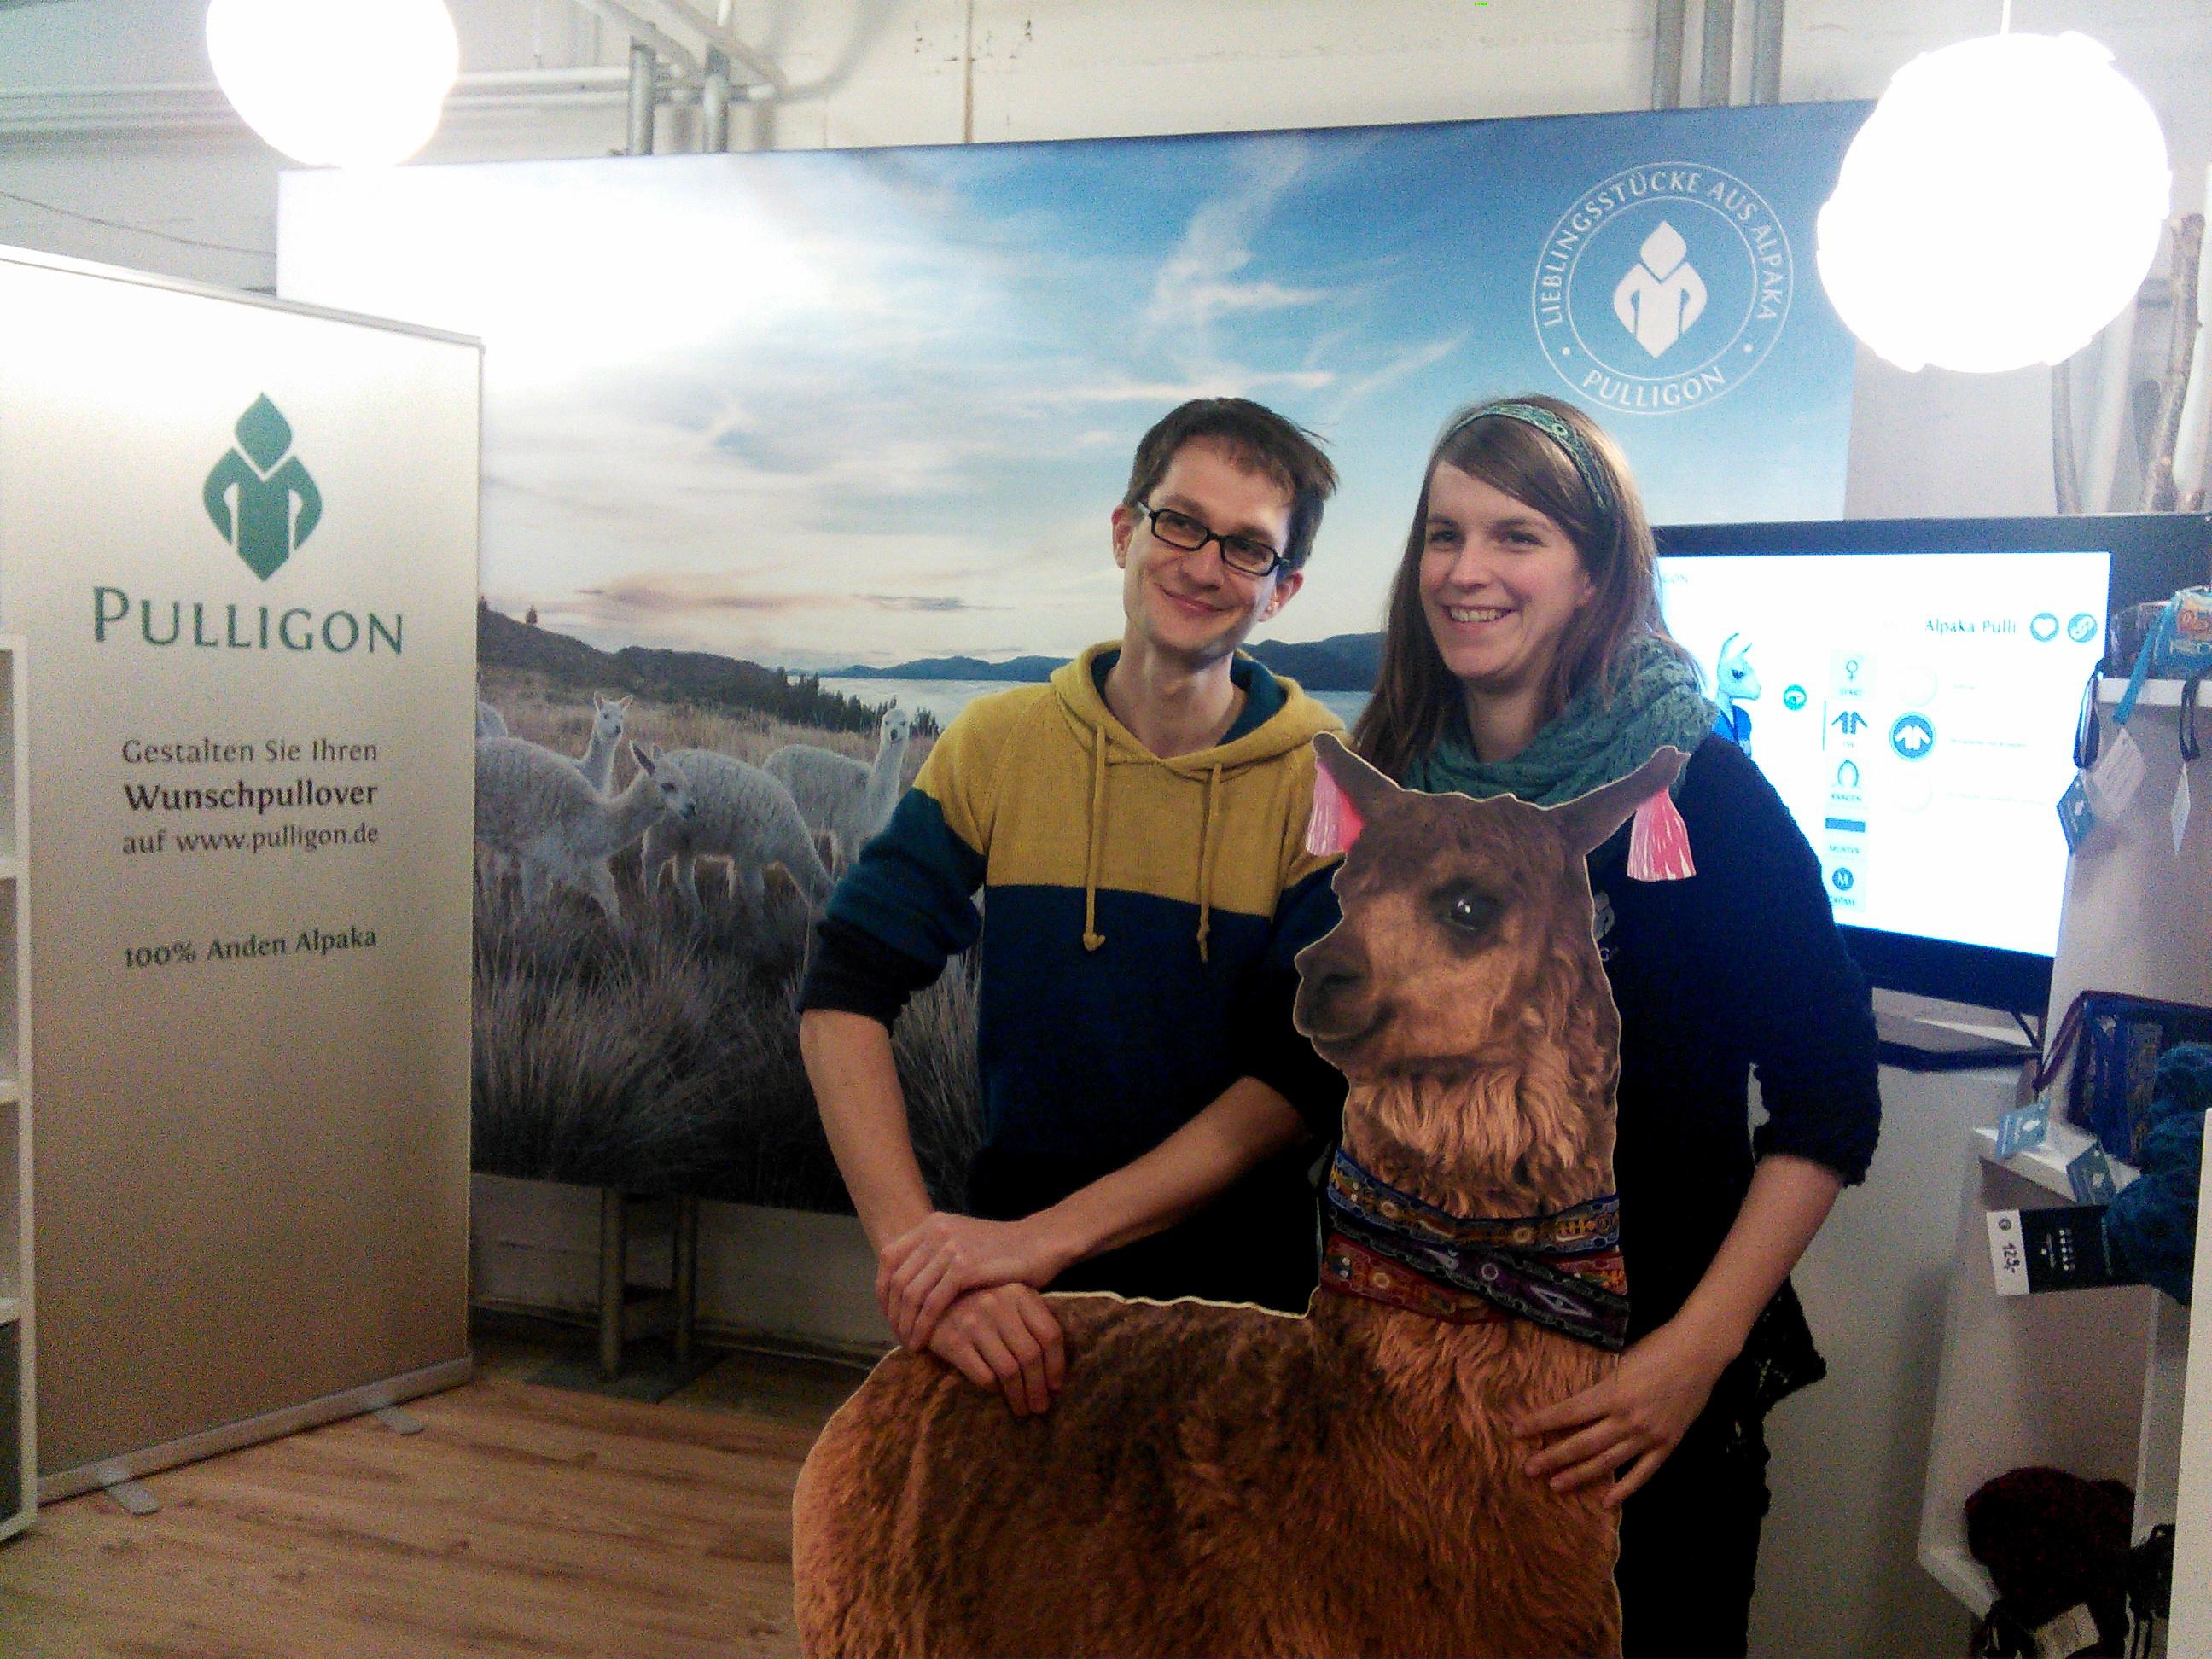 Die Gründer Daniela & Florian von Pulligon bei der 2. Ladeneröffnung in Karlsruhe